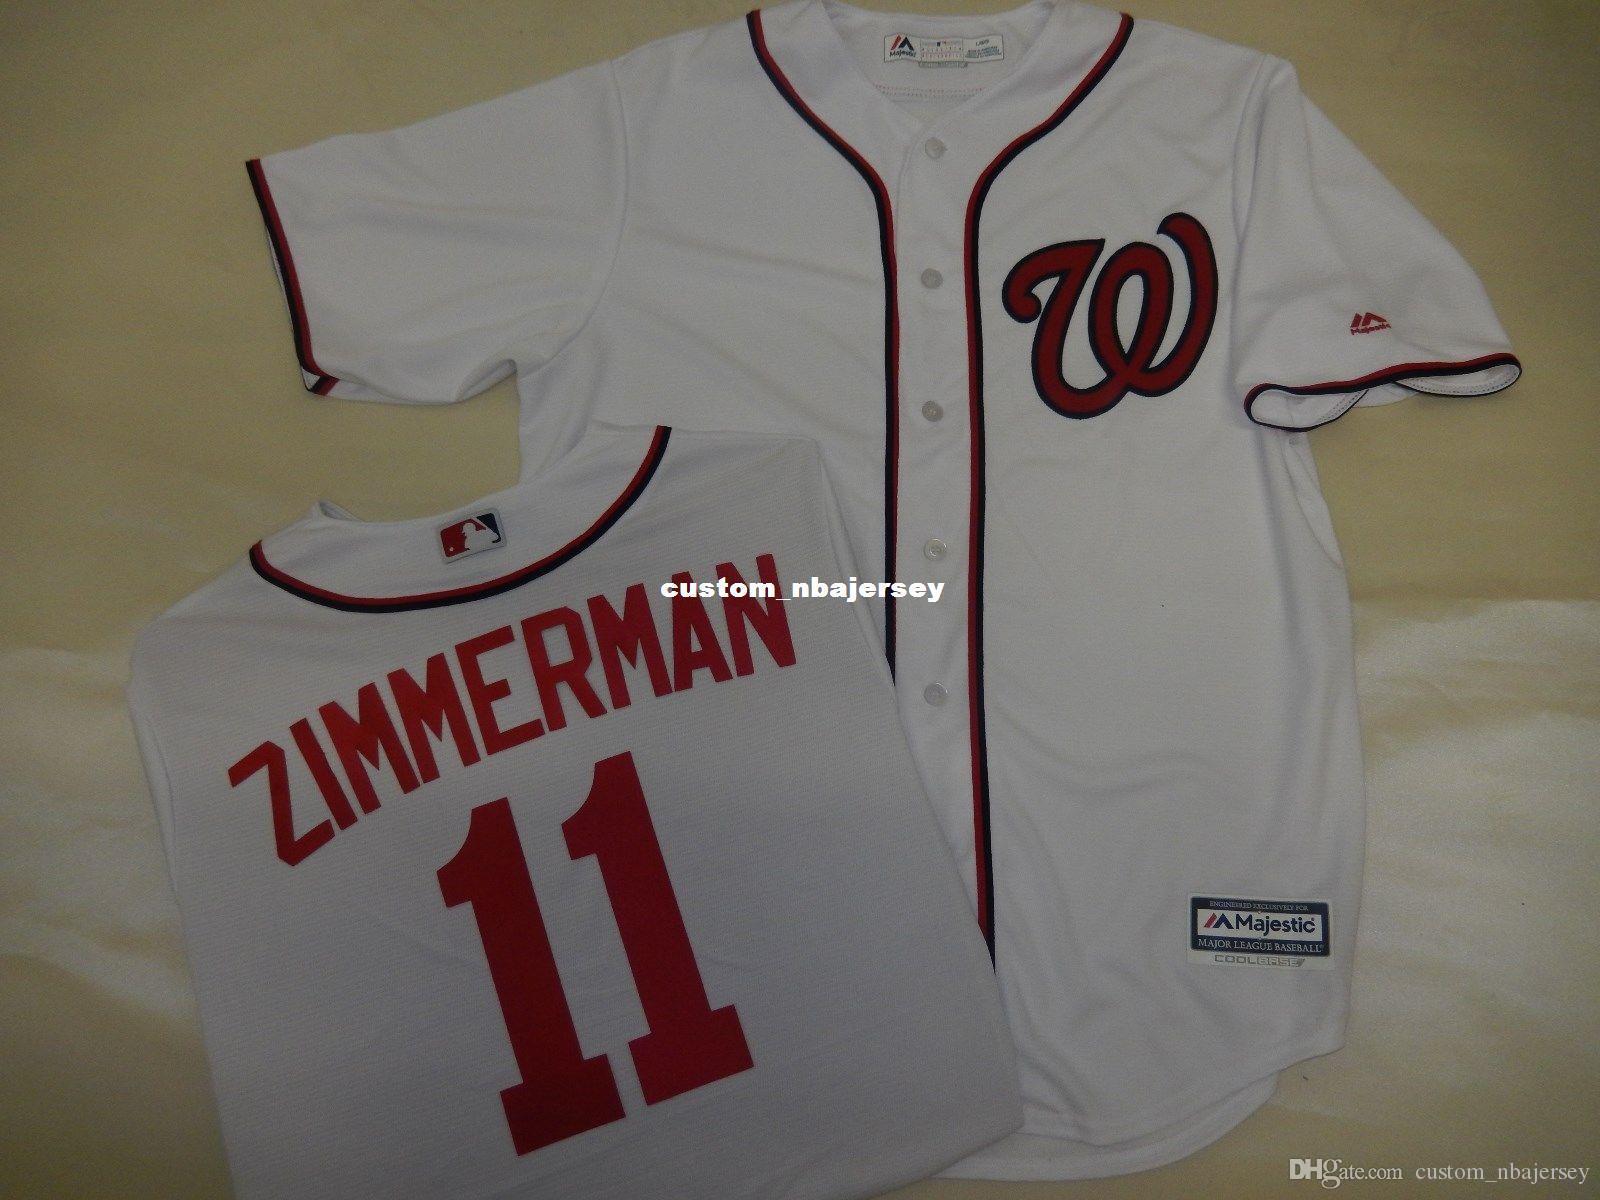 barato aduana Ryan Zimmerman cosida bajo fresco Jersey Blanco cosido Personalizar cualquier número nombre HOMBRE MUJER JERSEY DE BÉISBOL XS-5XL